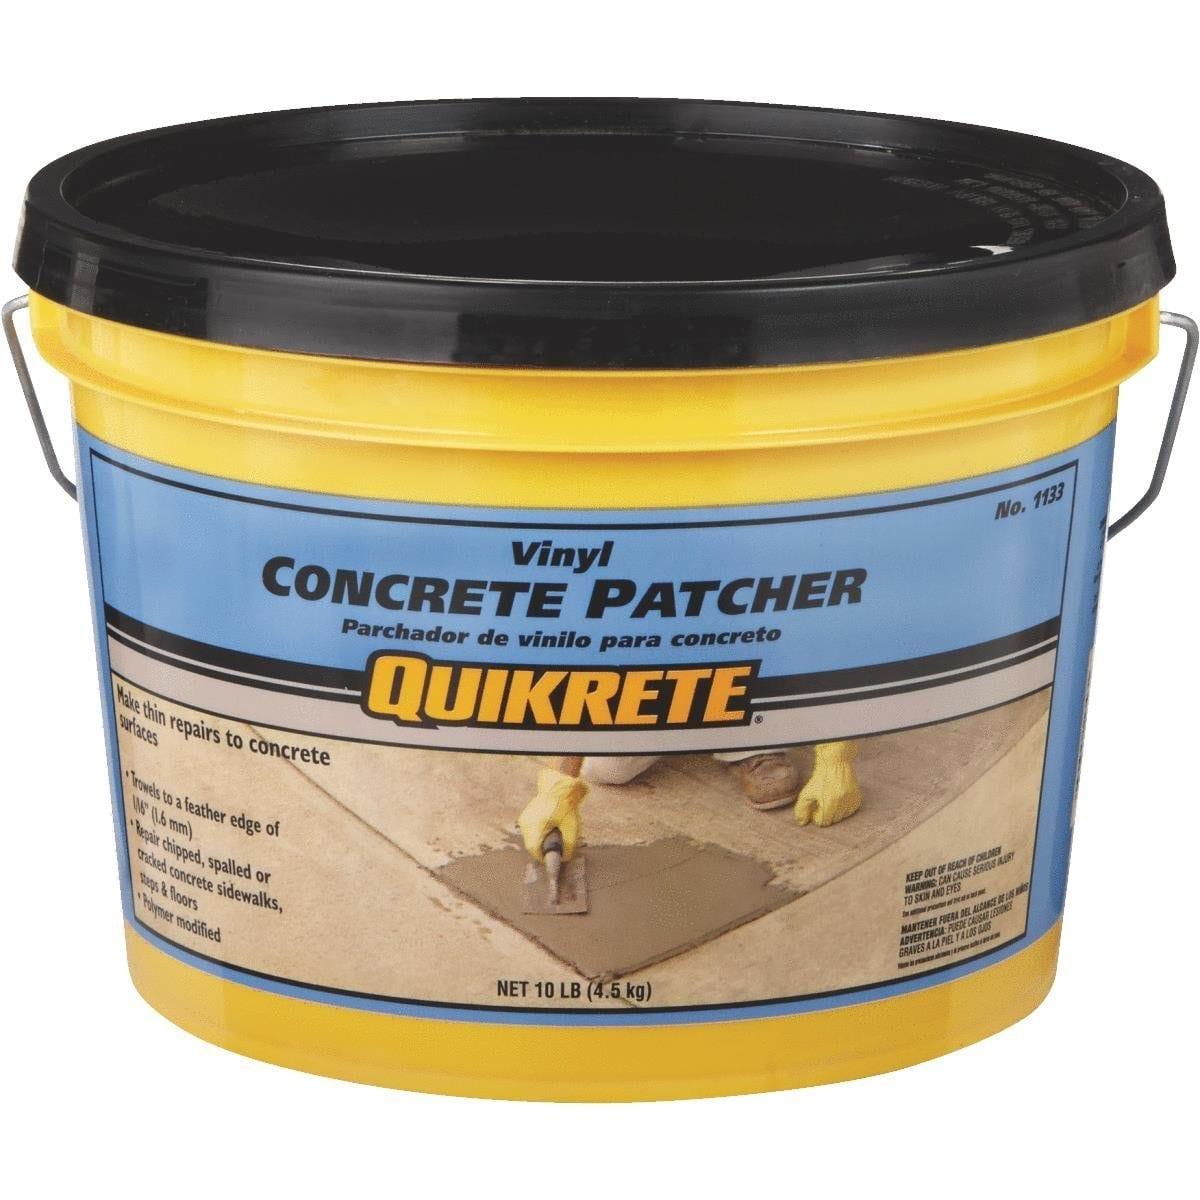 QUIKRETE recubrimiento acrílico para concreto